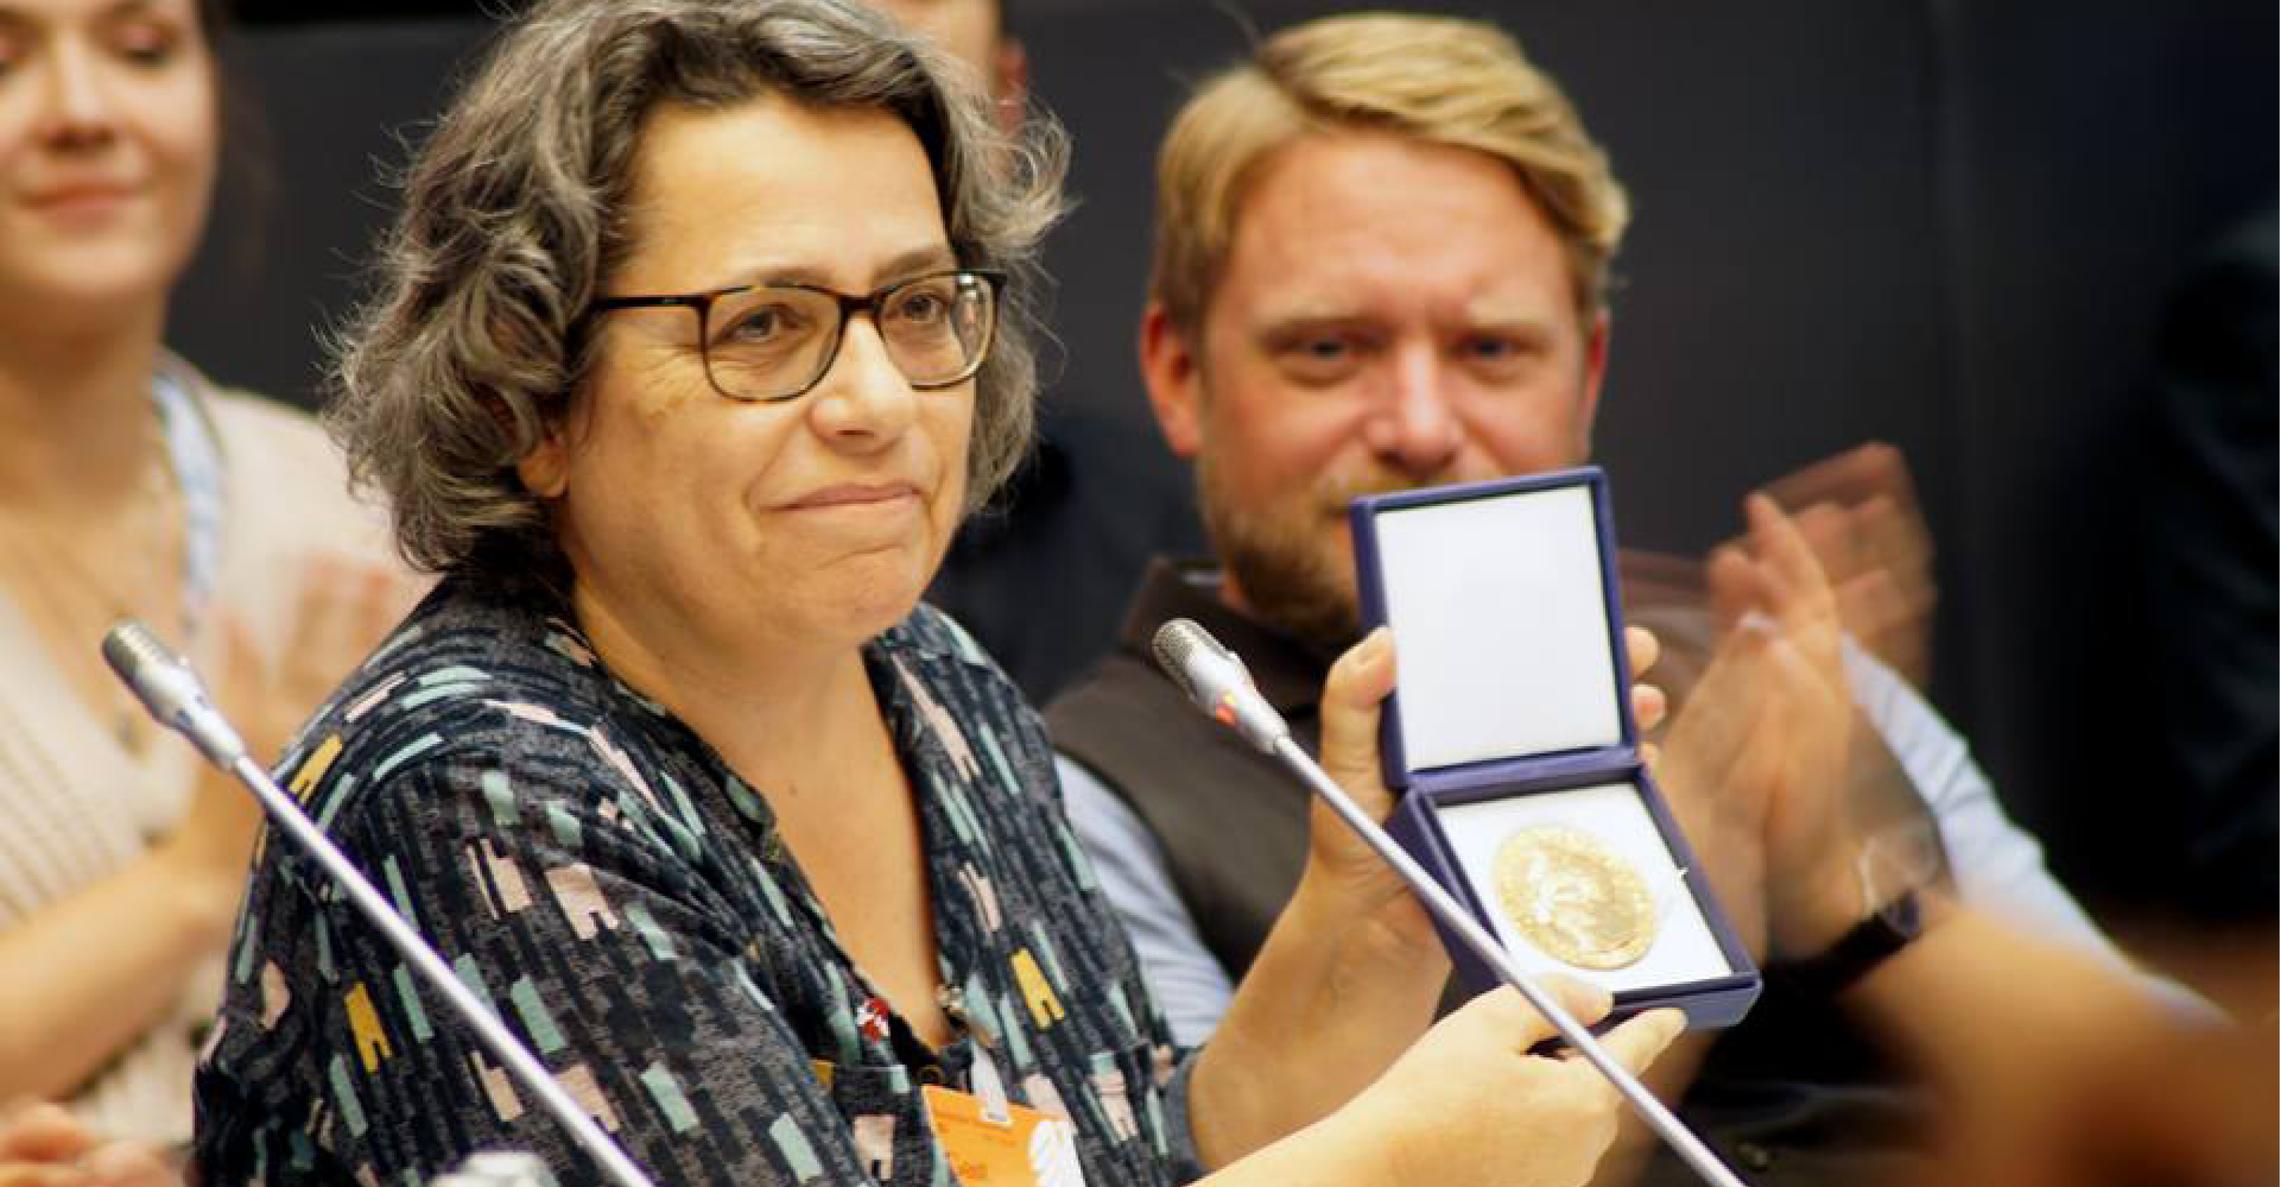 Xanthe Hall von ICAN Deutschland, der internationalen Kampagne zur Abschaffung von Atomwaffen mit Friedensnobelpreis